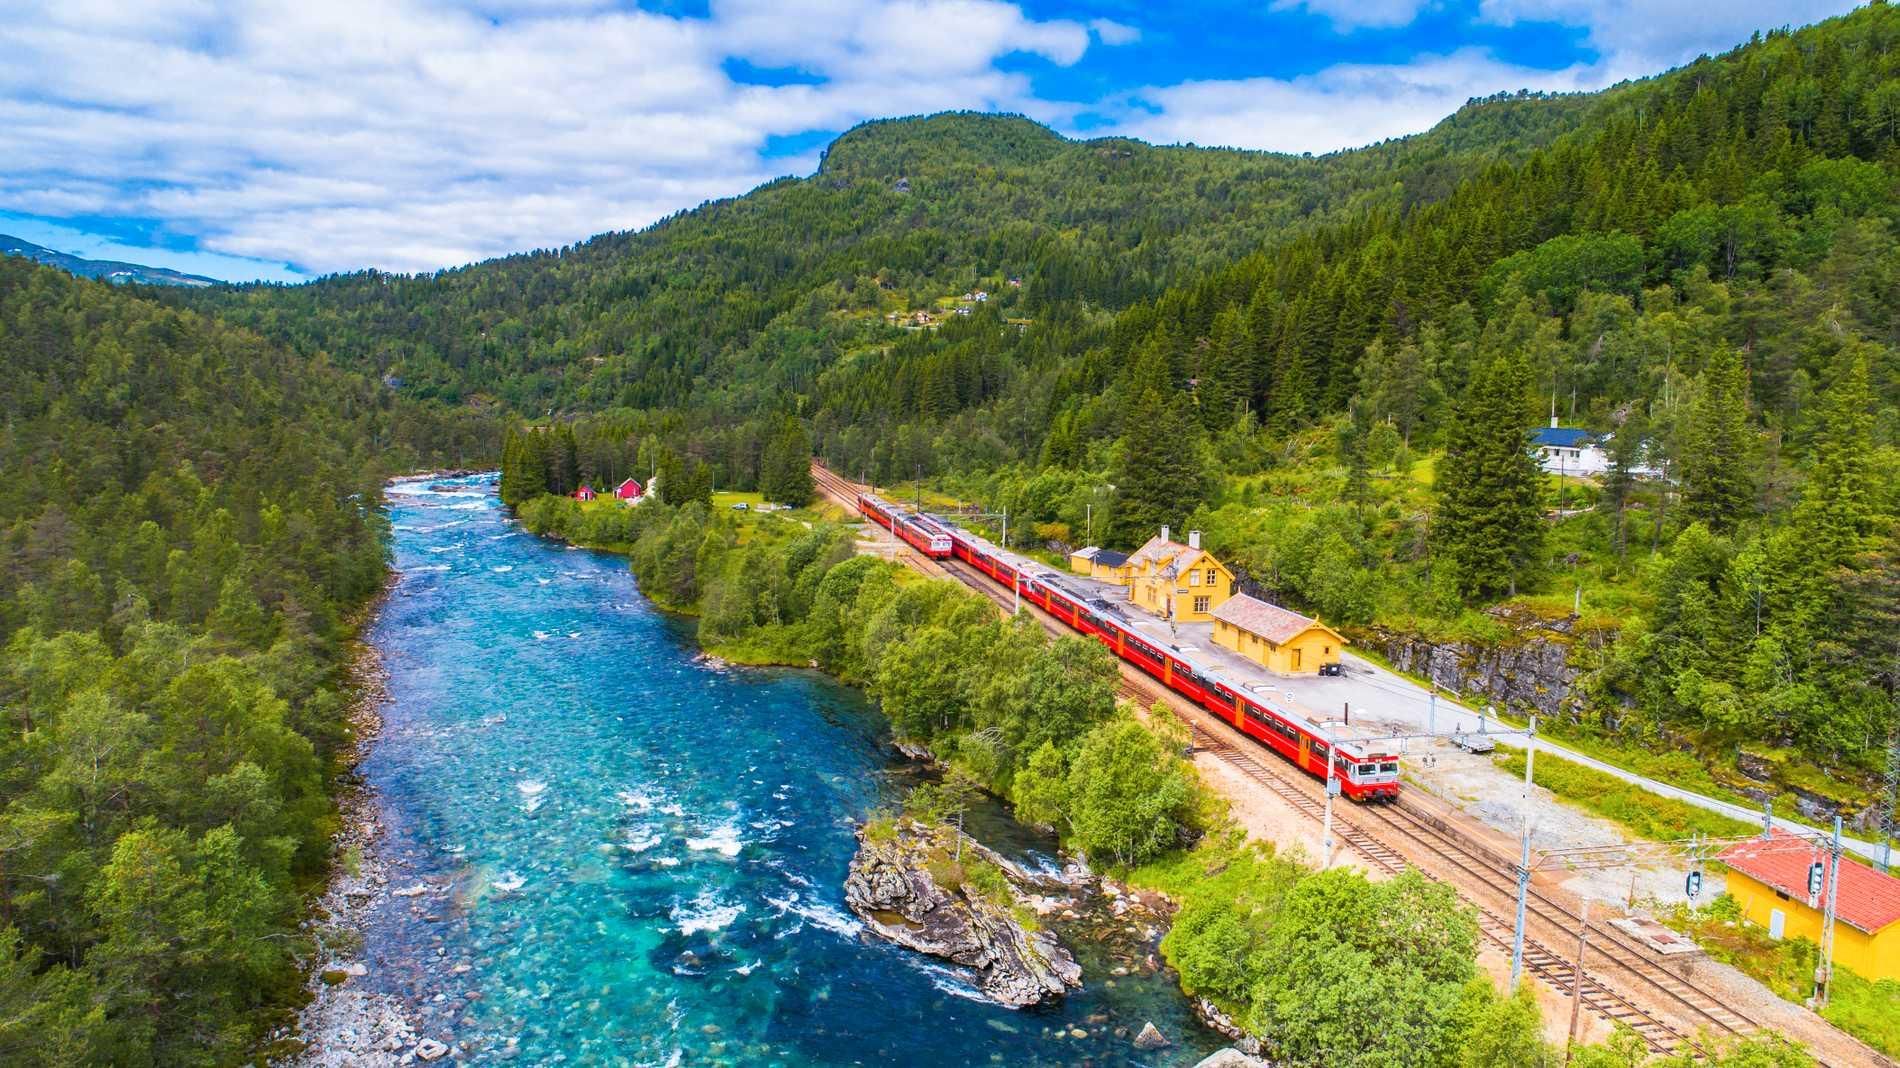 Njut av en storslagen natur i Norge.